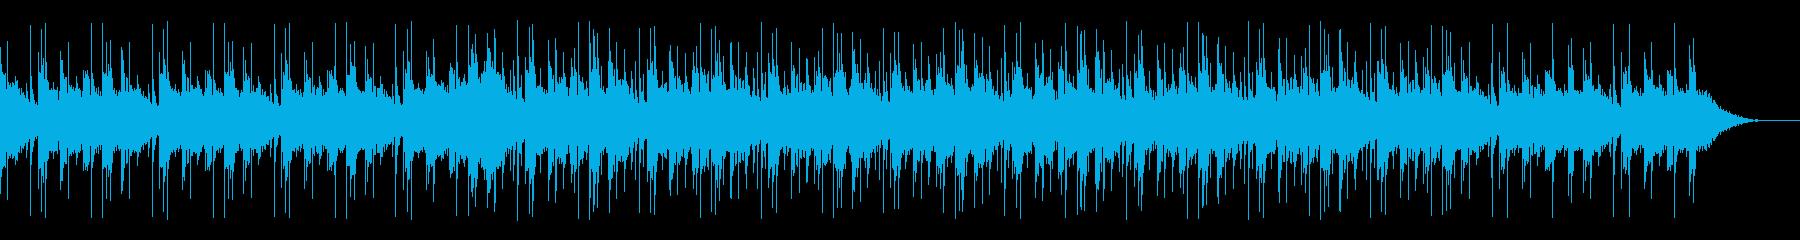 コーポレートテクスチャ―16の再生済みの波形